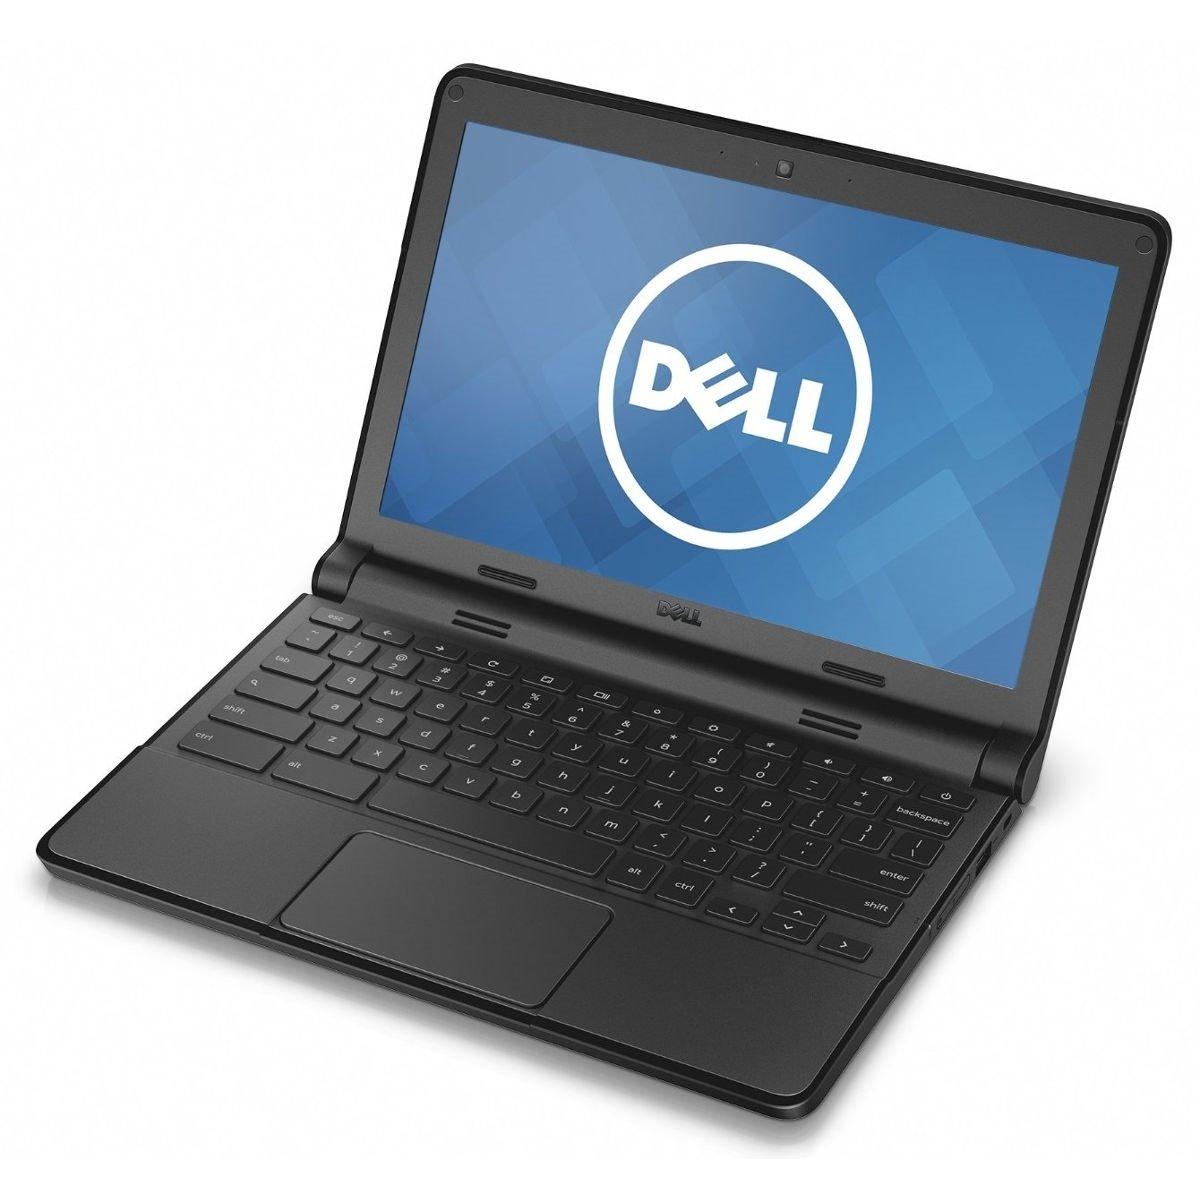 Dell 11-3120 Intel Celeron N2840 X2 2.16GHz 4GB 16GB SSD 11.6'',Black(Renewed)